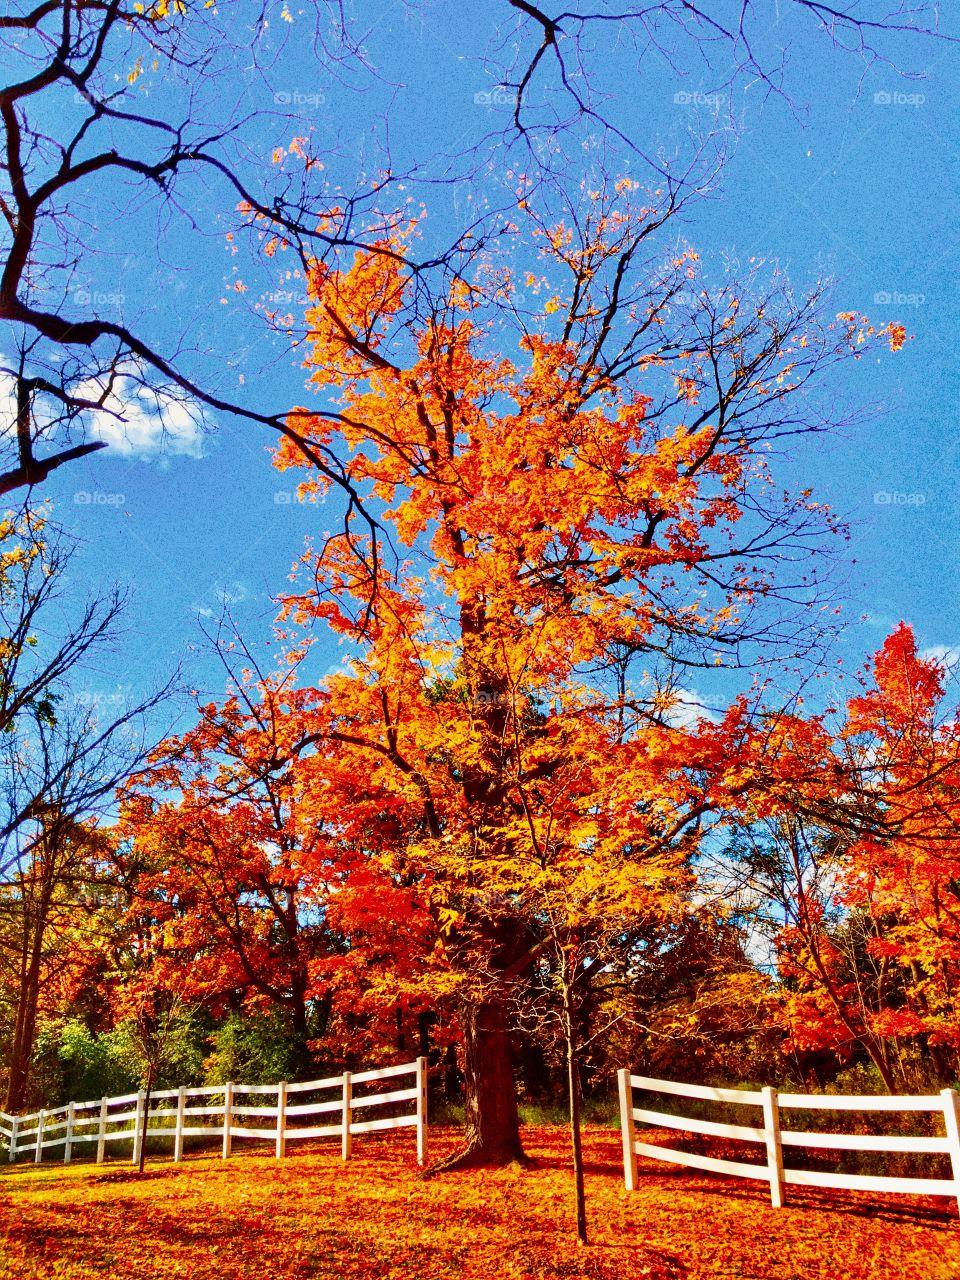 Blinding autumn in MI